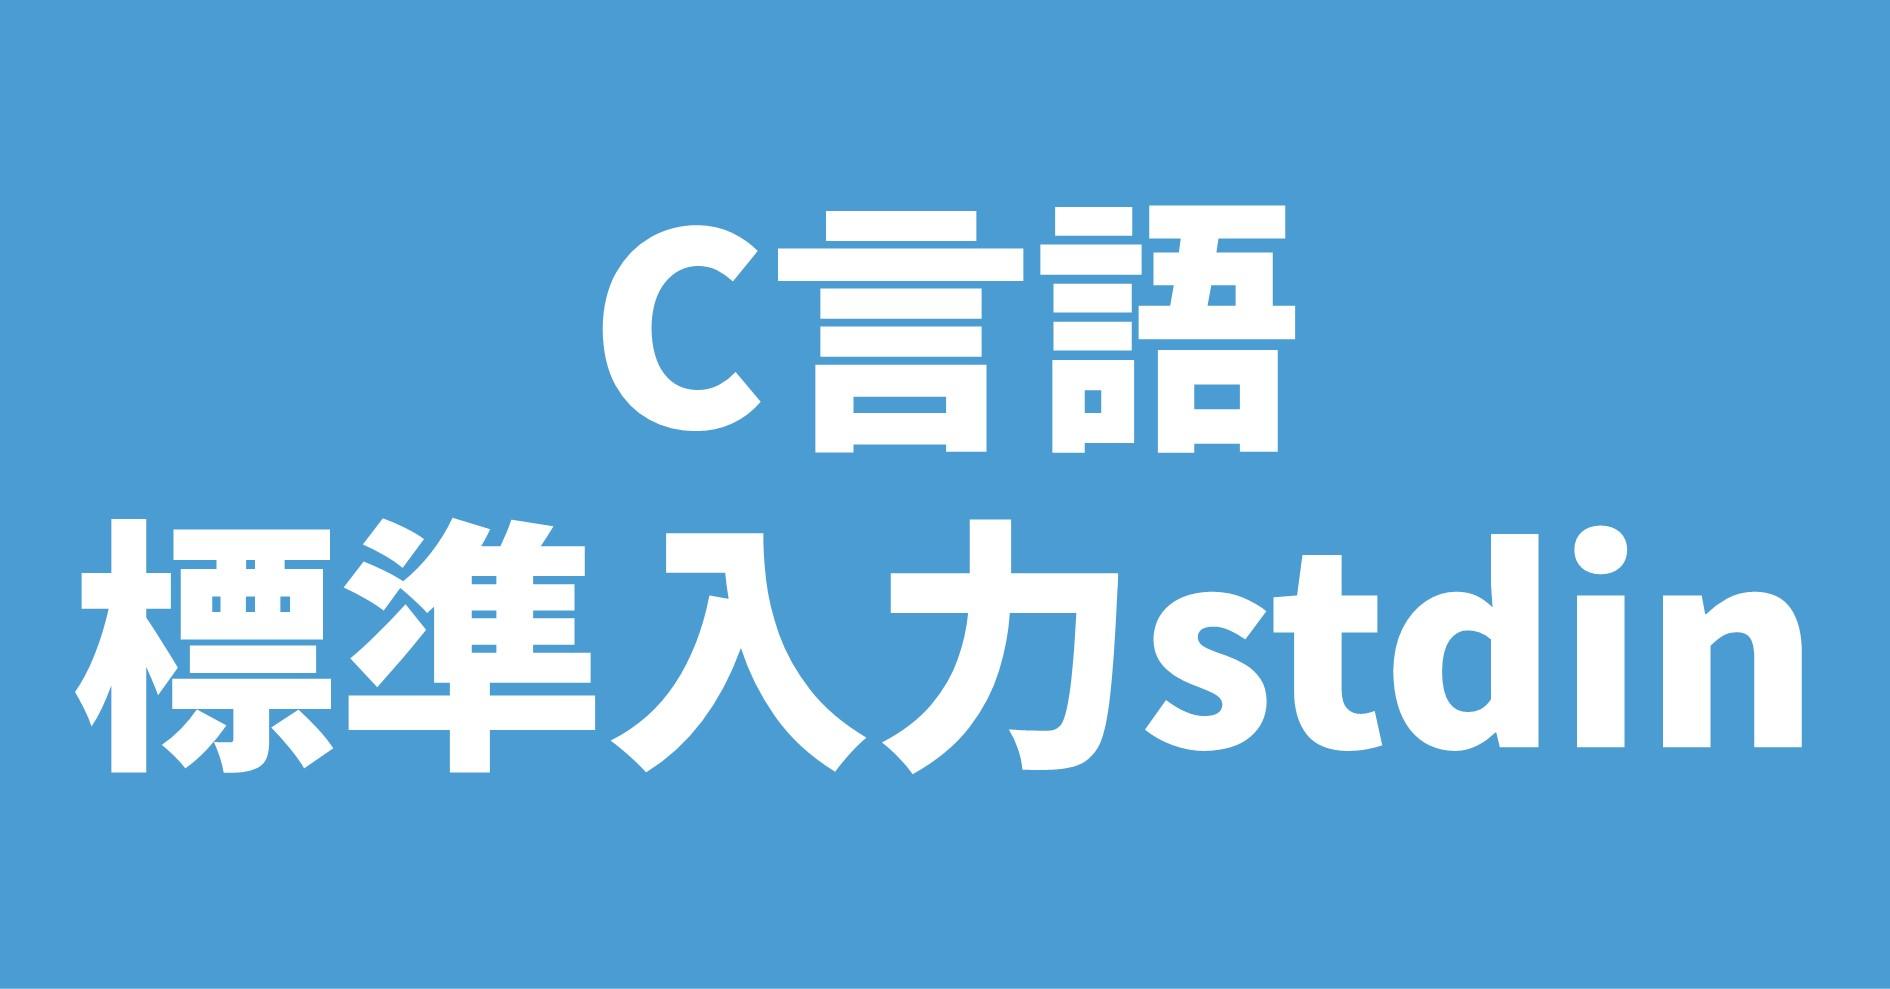 C言語 標準入力stdin